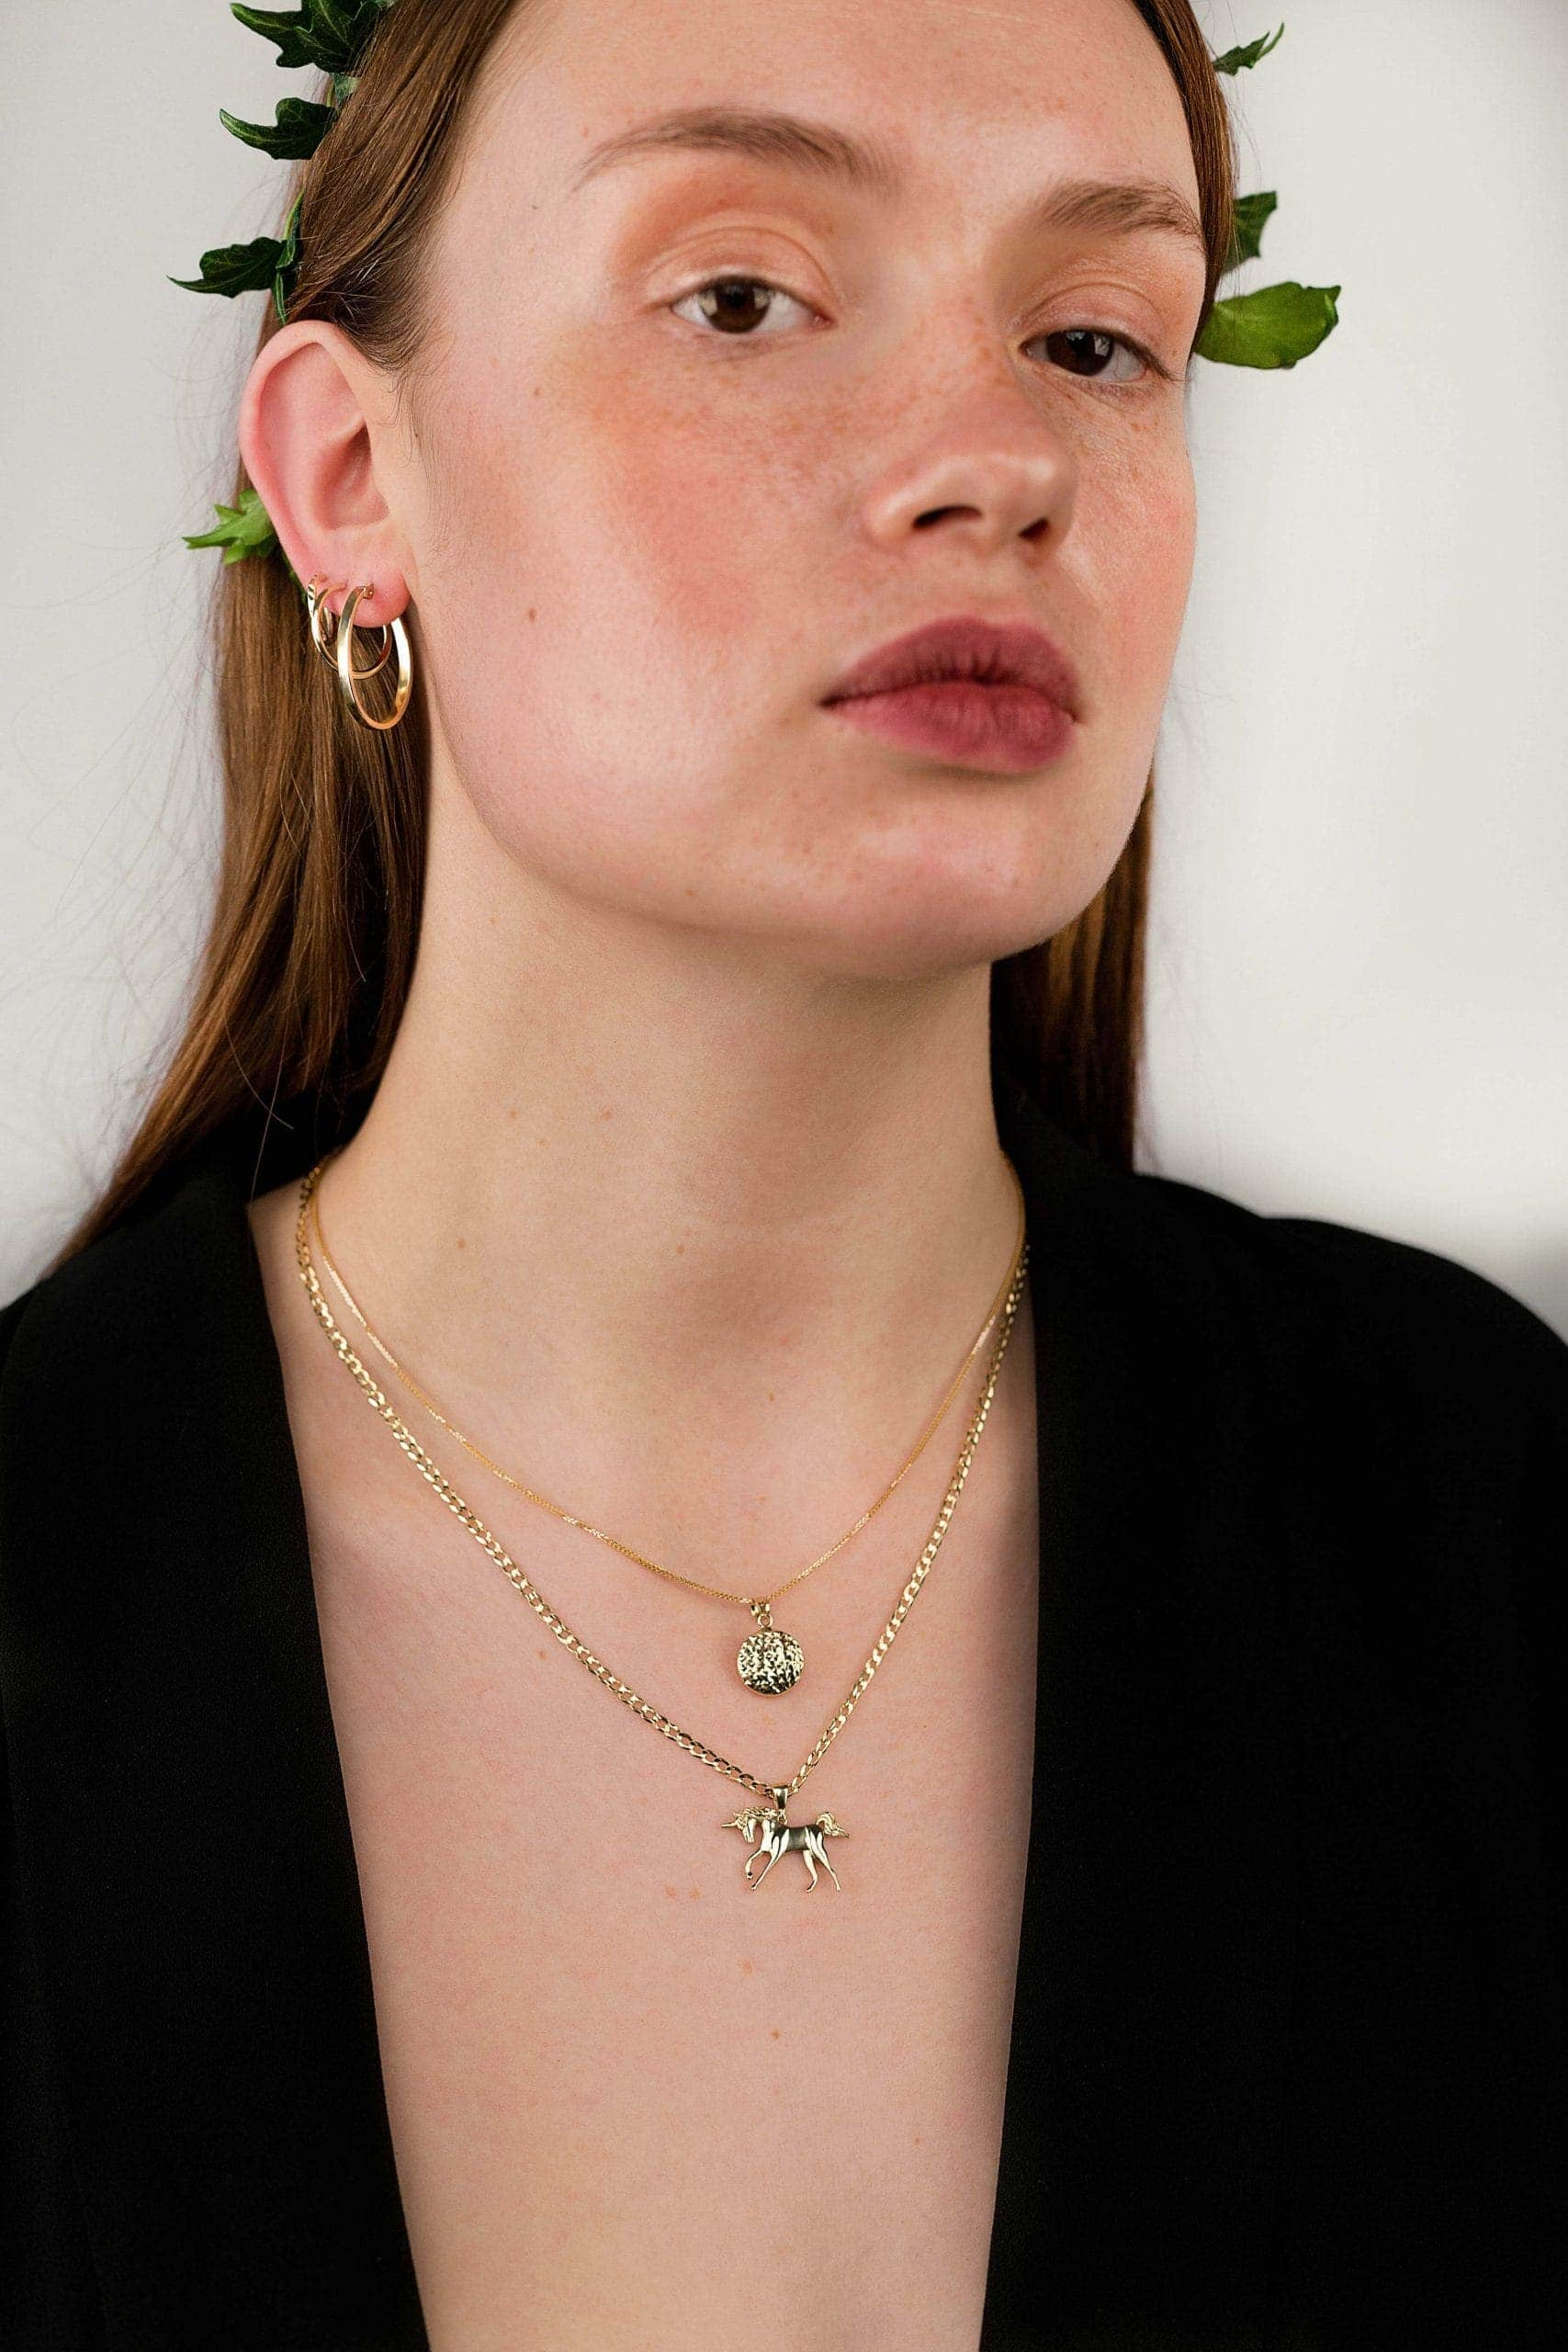 Modelka ma na sobie zestaw złotej biżuterii: kolczyki koła, naszyjnik, złotą zawieszkę